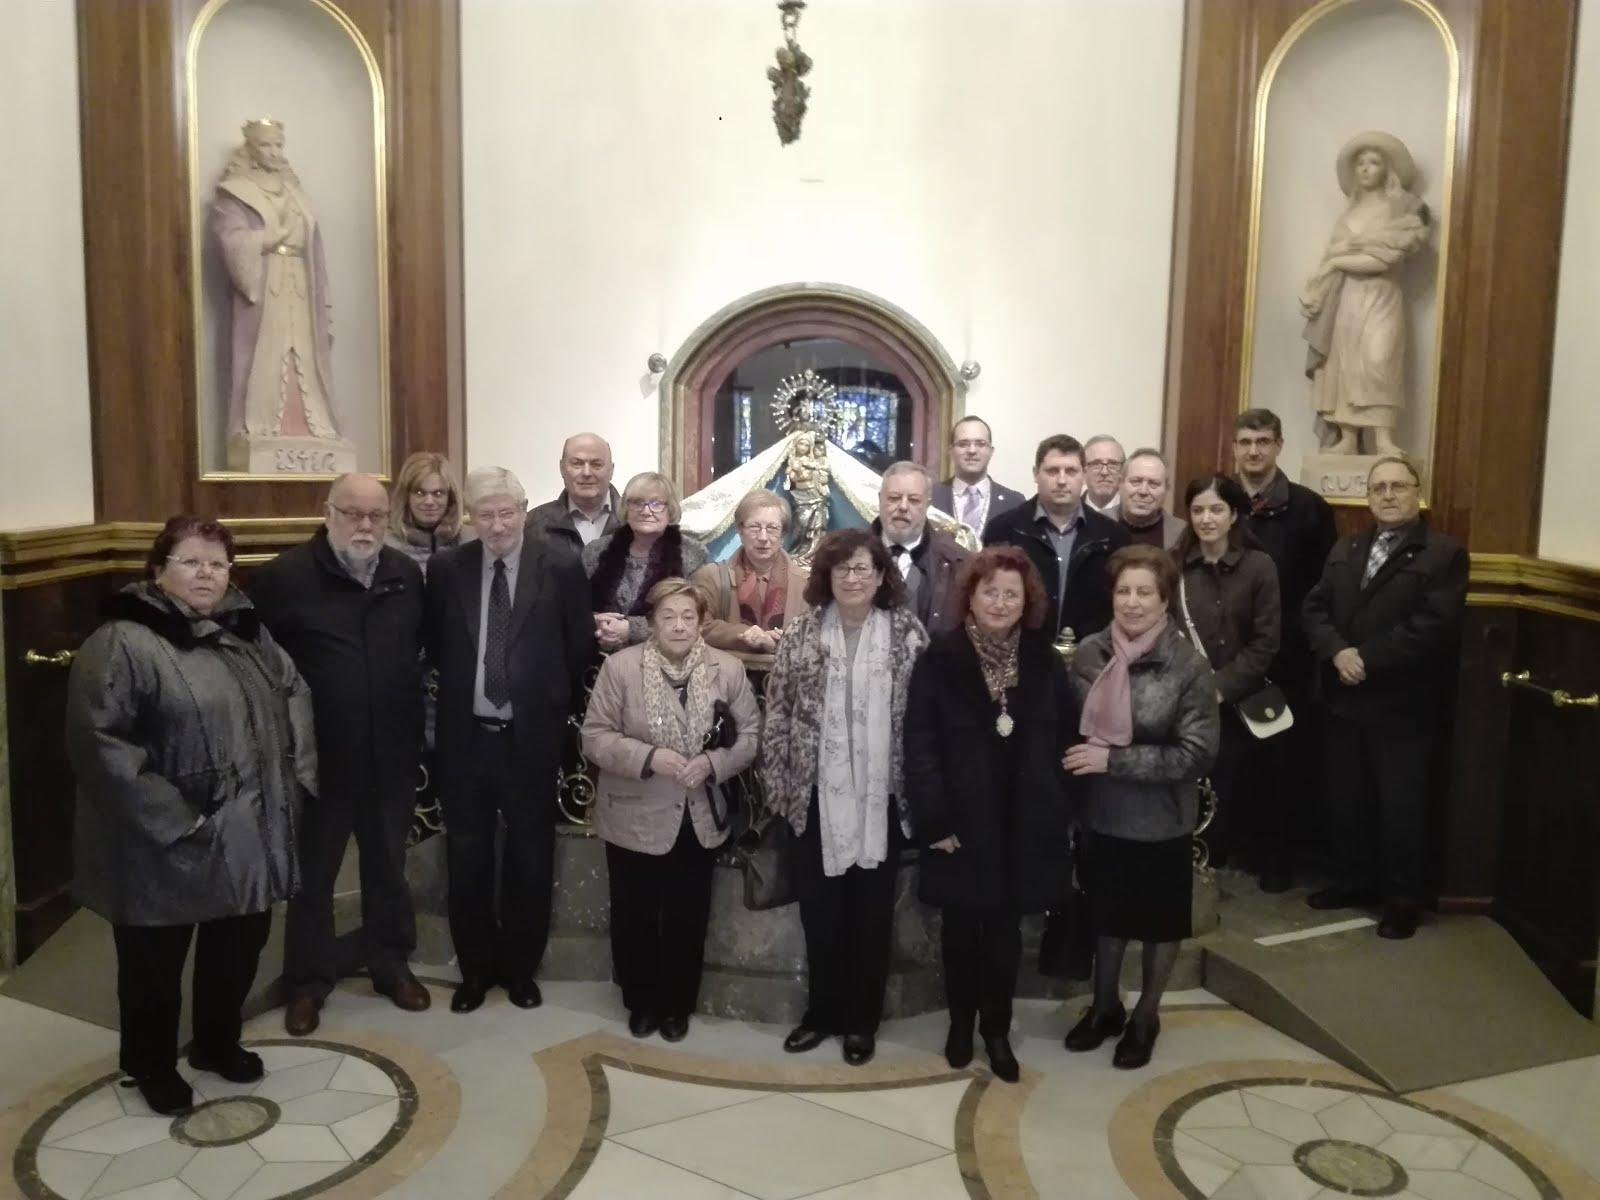 Peregrinació de la Pia Germandat de St. Isidre i Sta. Llúcia (18-12-2016)